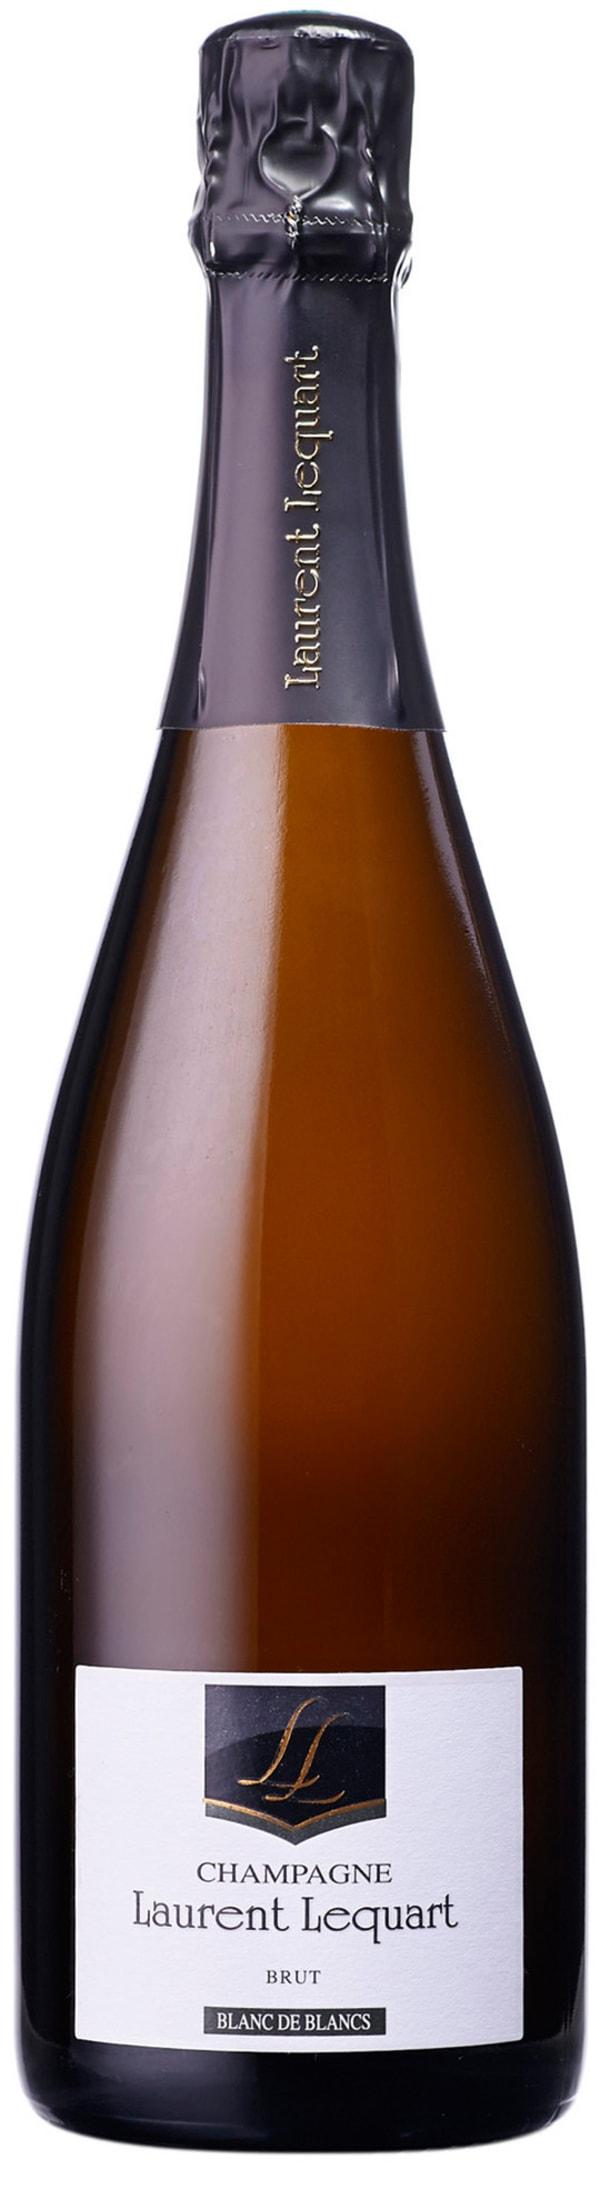 Laurent Lequart Blanc de Blancs Champagne Brut